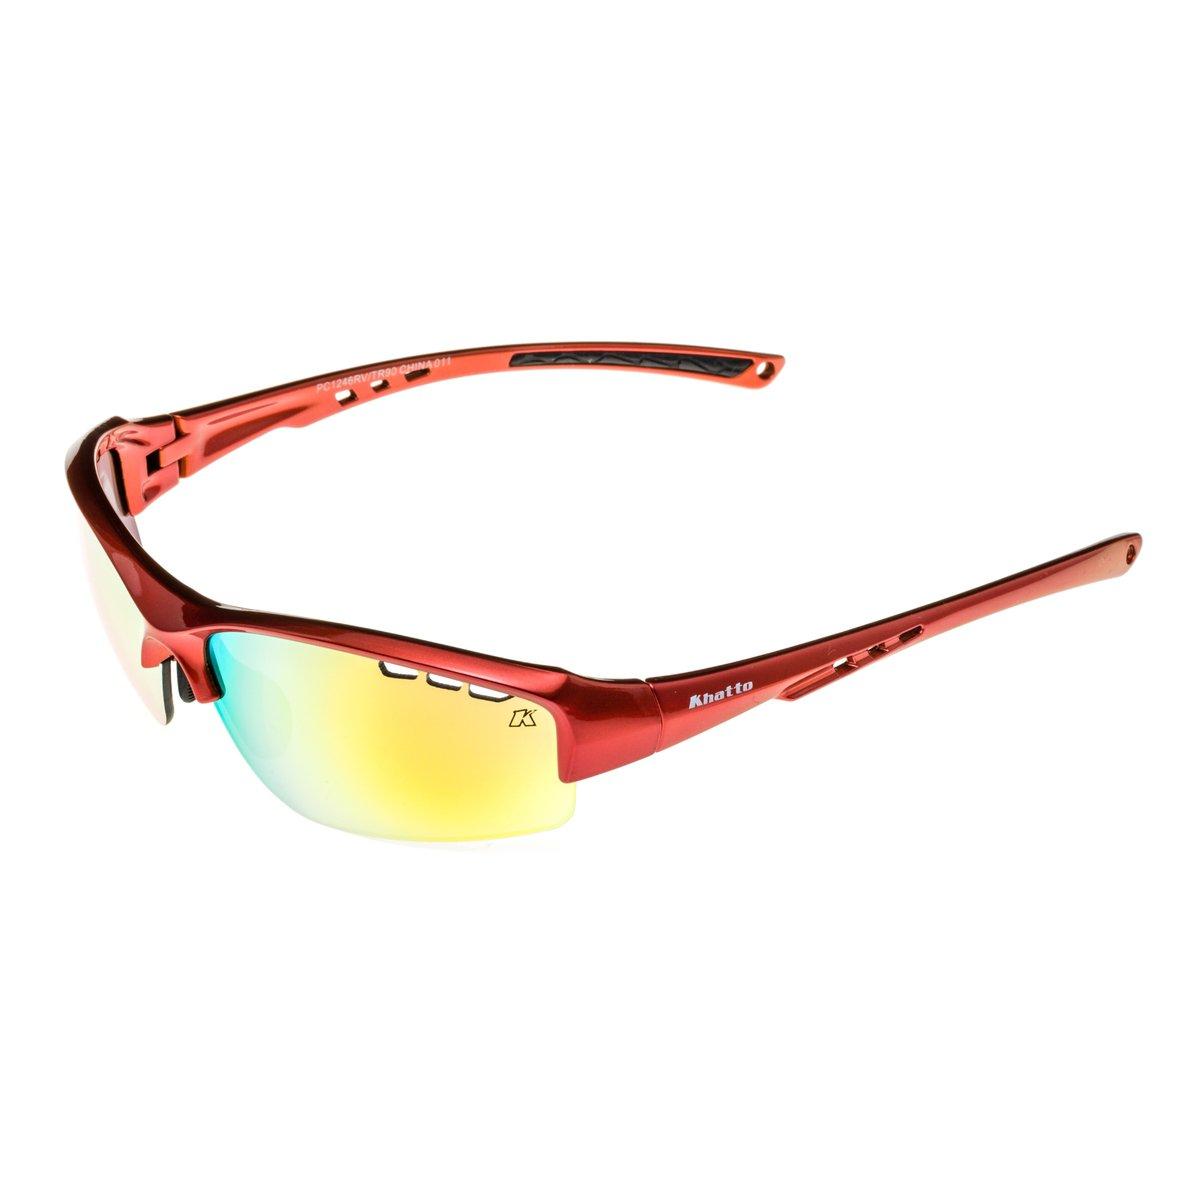 Óculos de Sol Khatto KTS1246 - Compre Agora   Netshoes 9ca964c32f